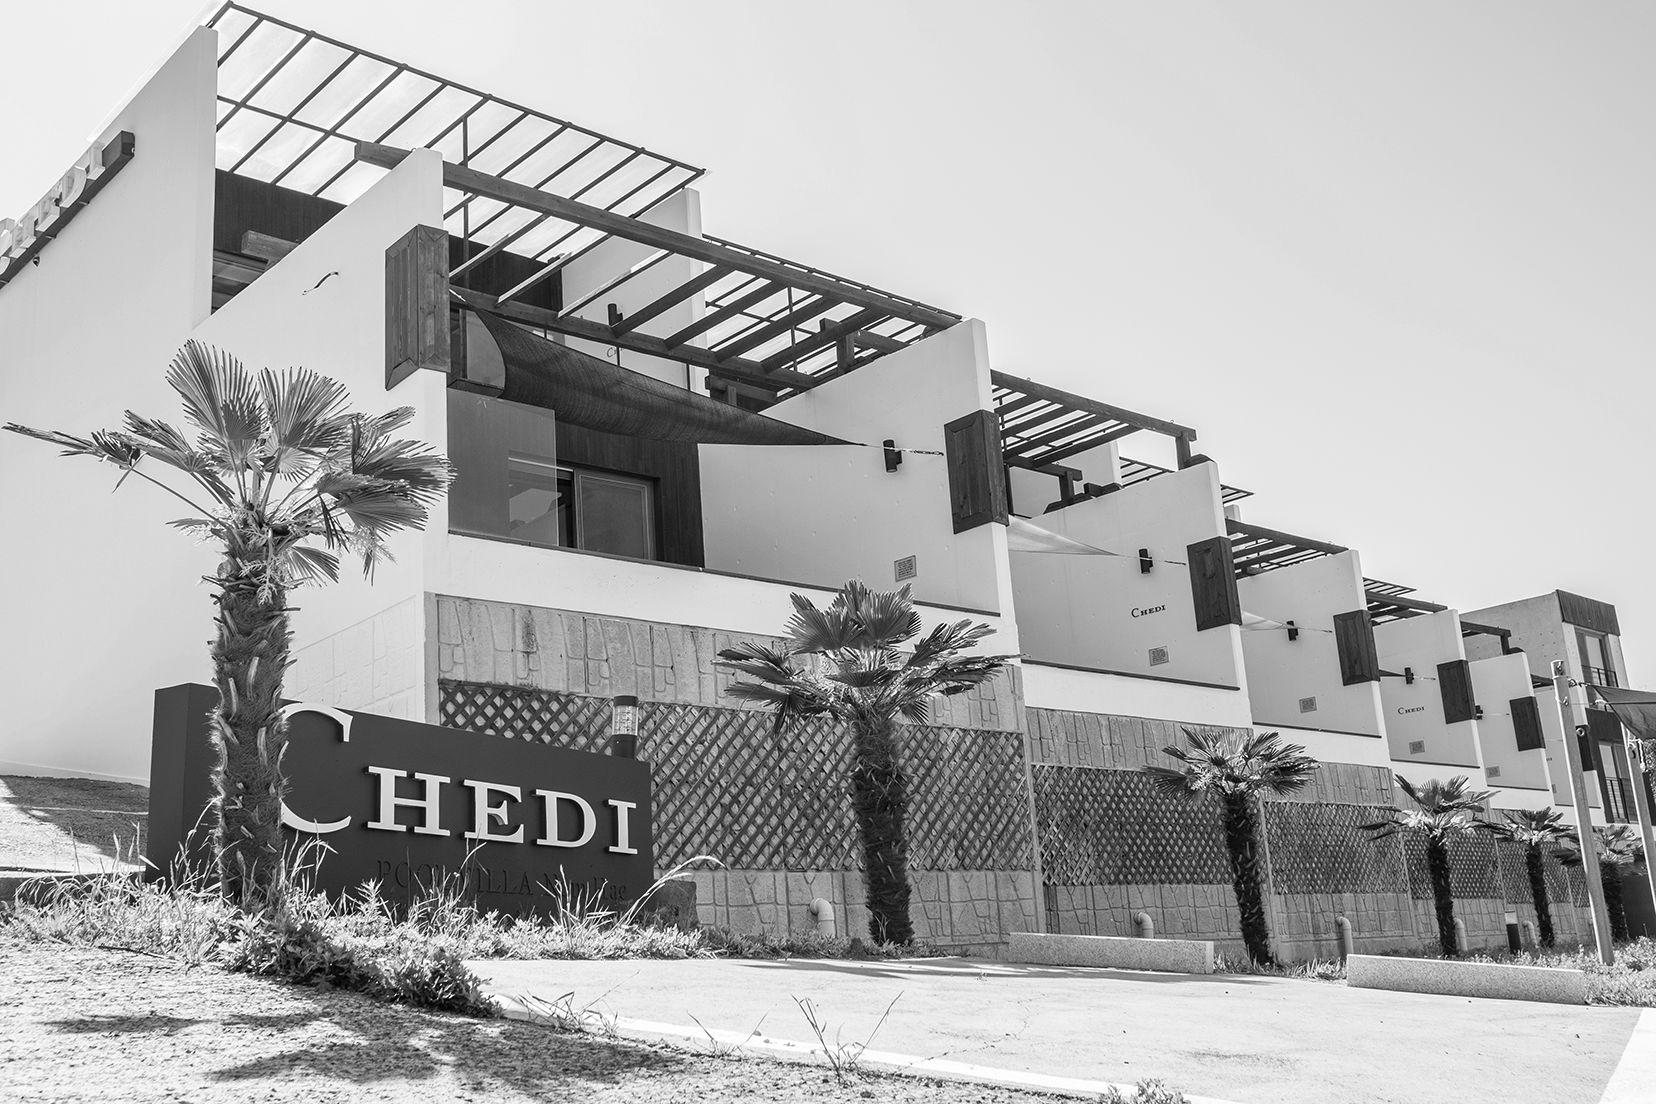 Chedi Pool Villa